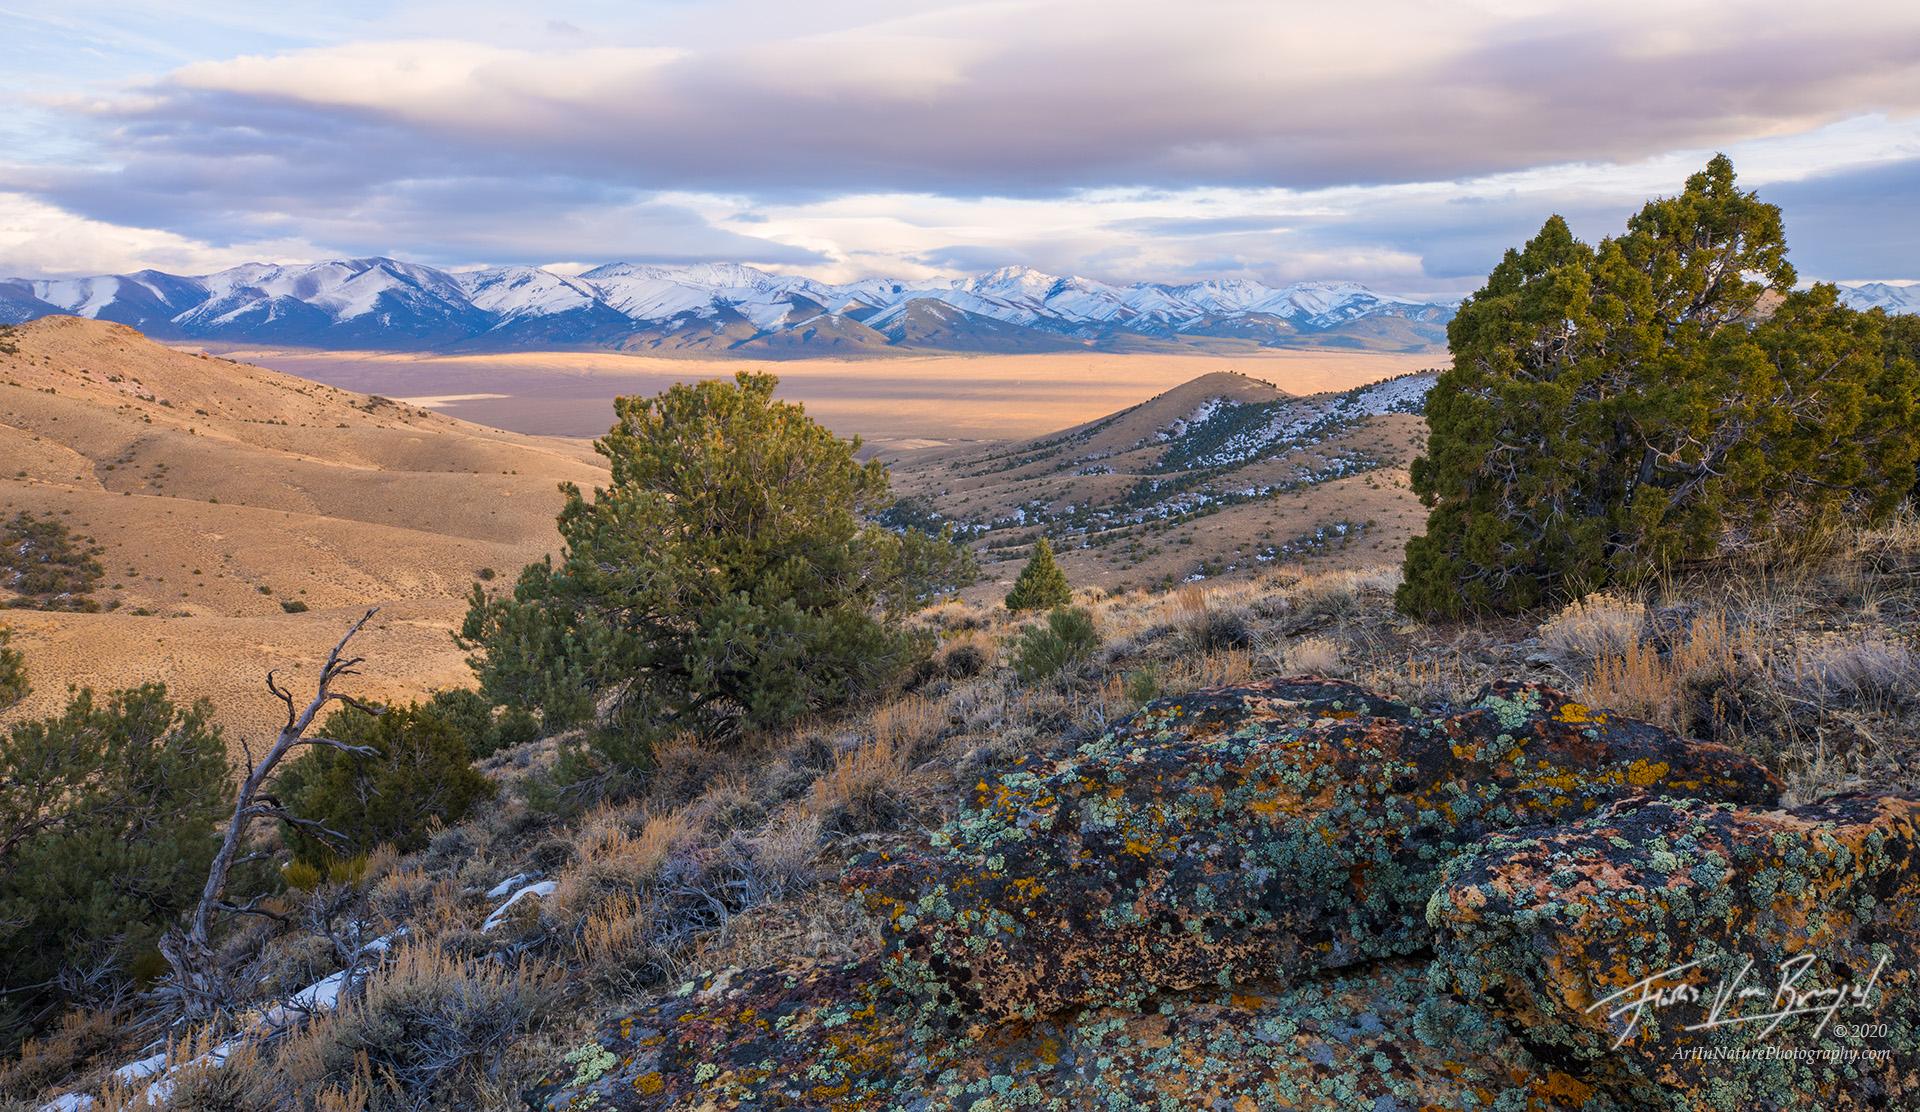 nevada, open spaces, warm, mountains, deserts, photo